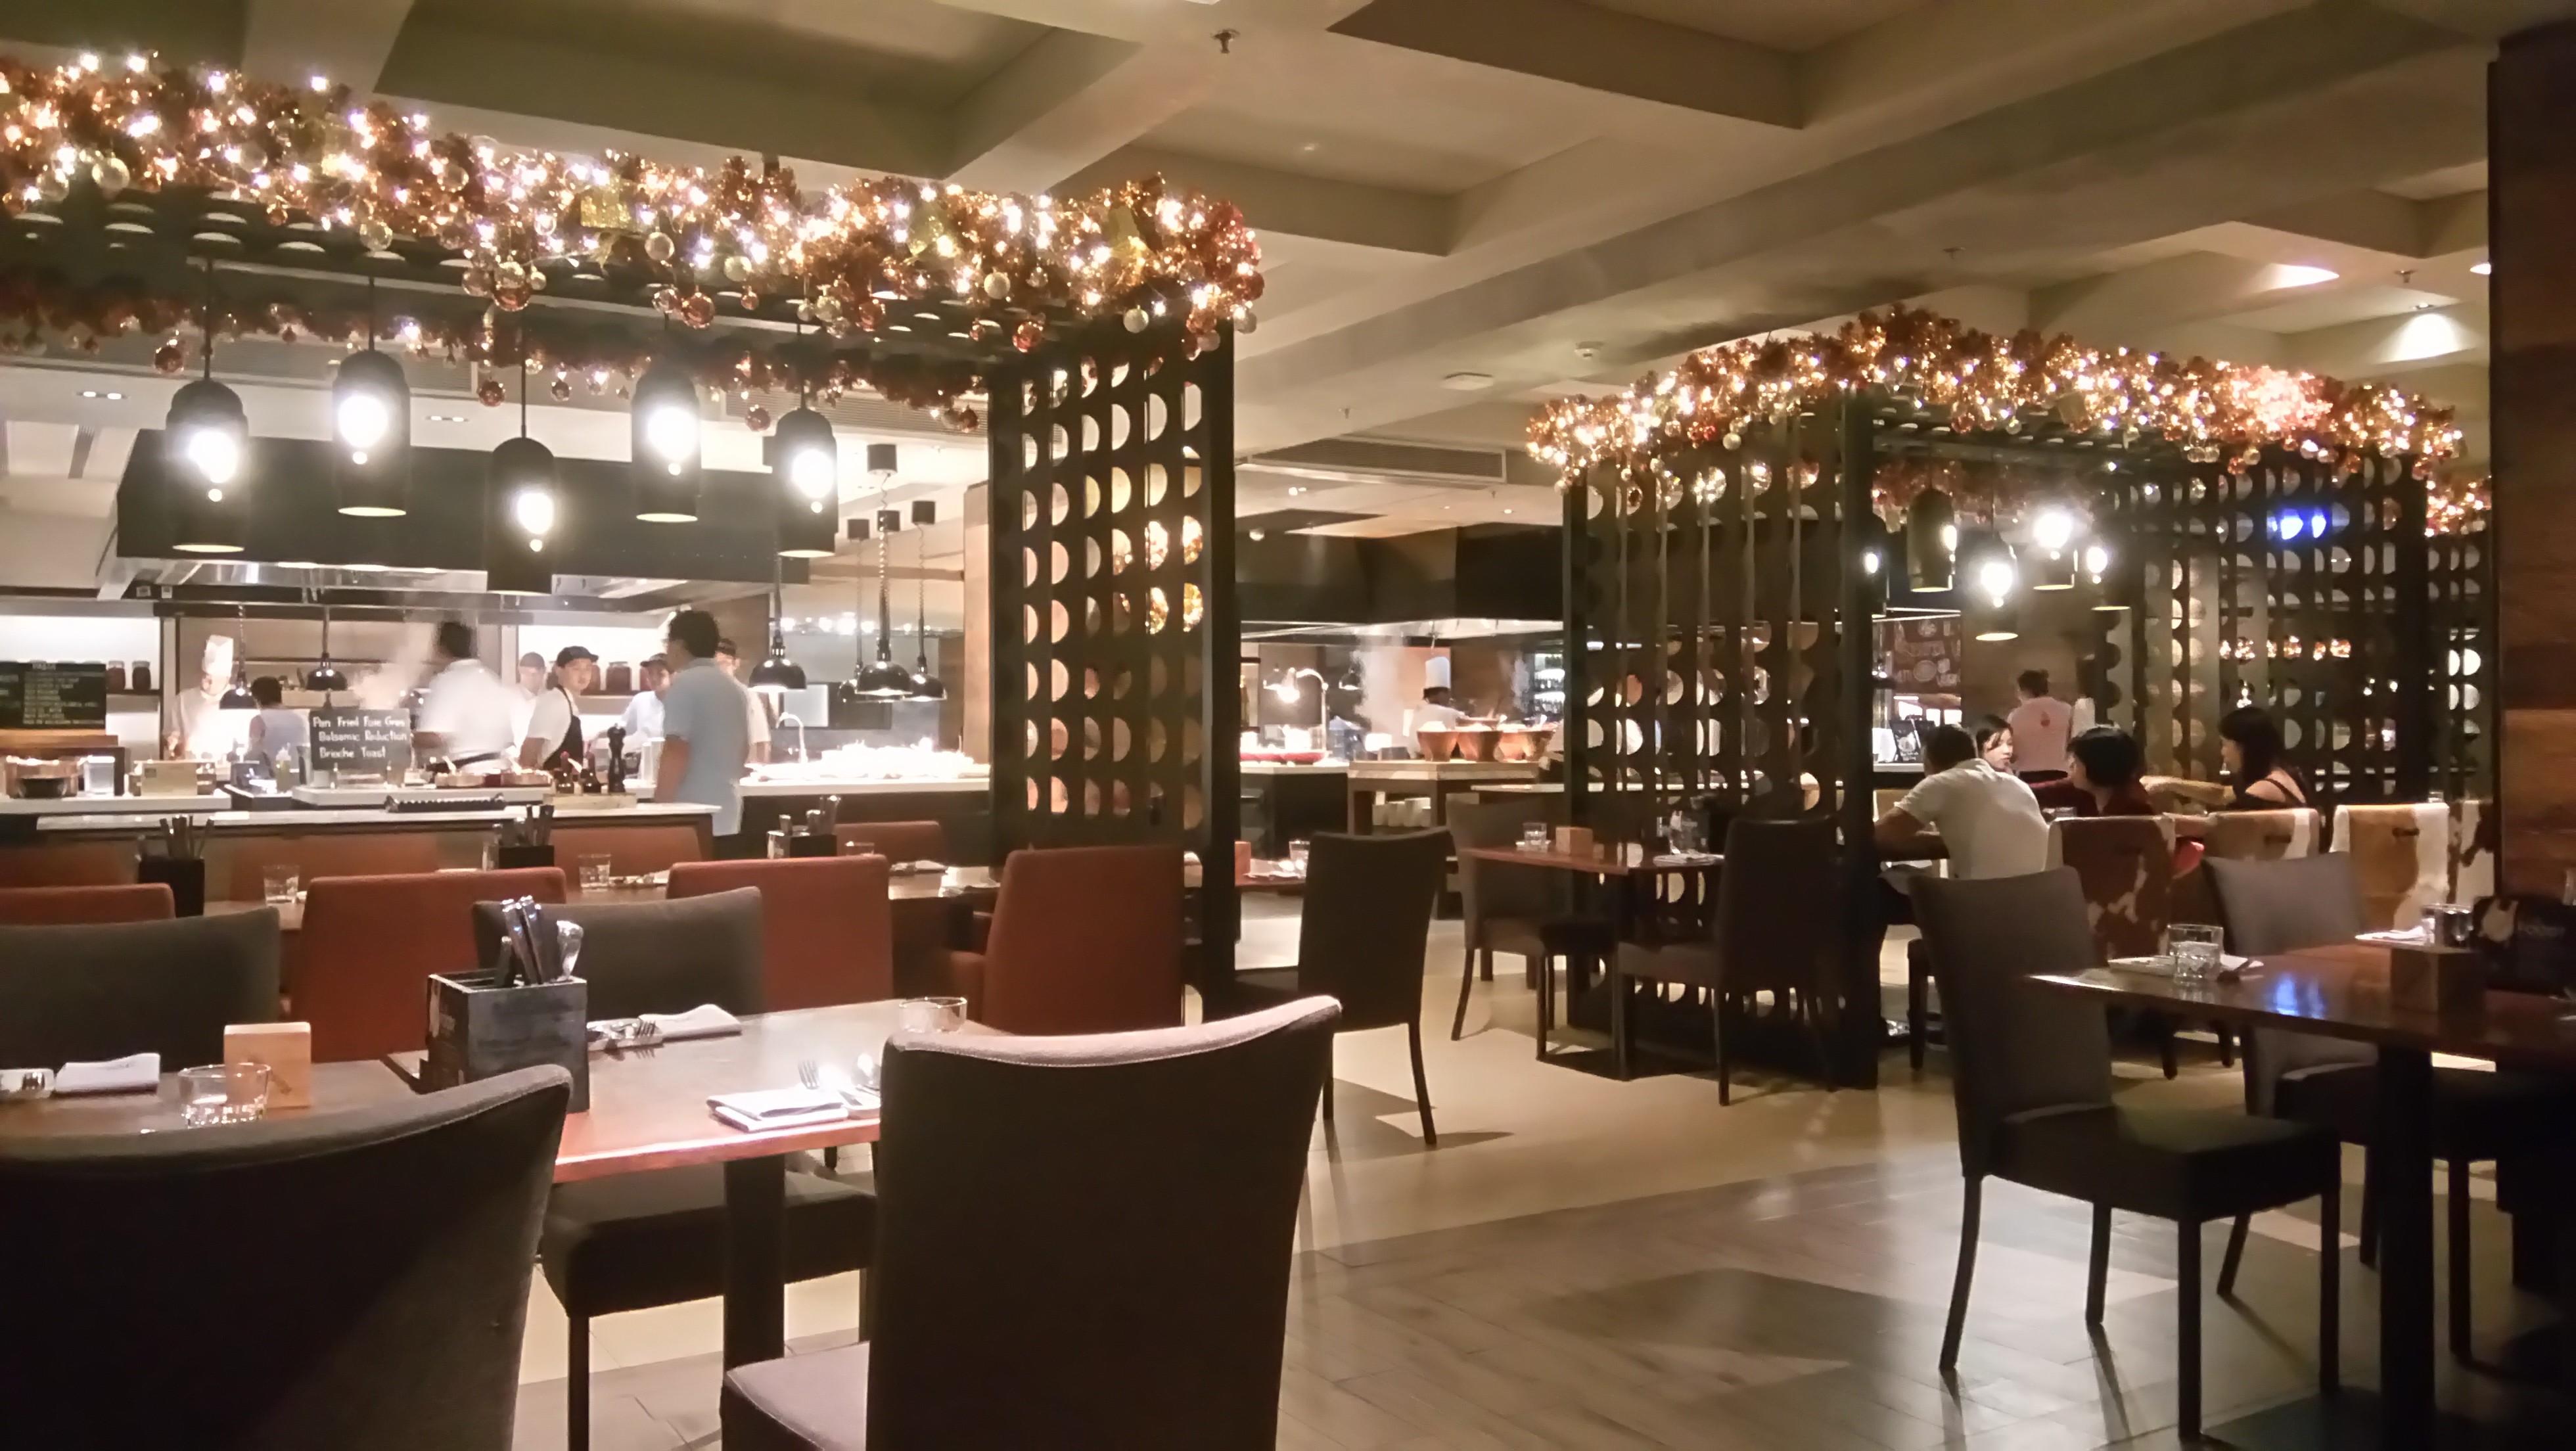 曼谷萬豪馬奎斯酒店Goji Kitchen & Bar自助晚餐-曼谷自助餐-Hopetrip旅遊網